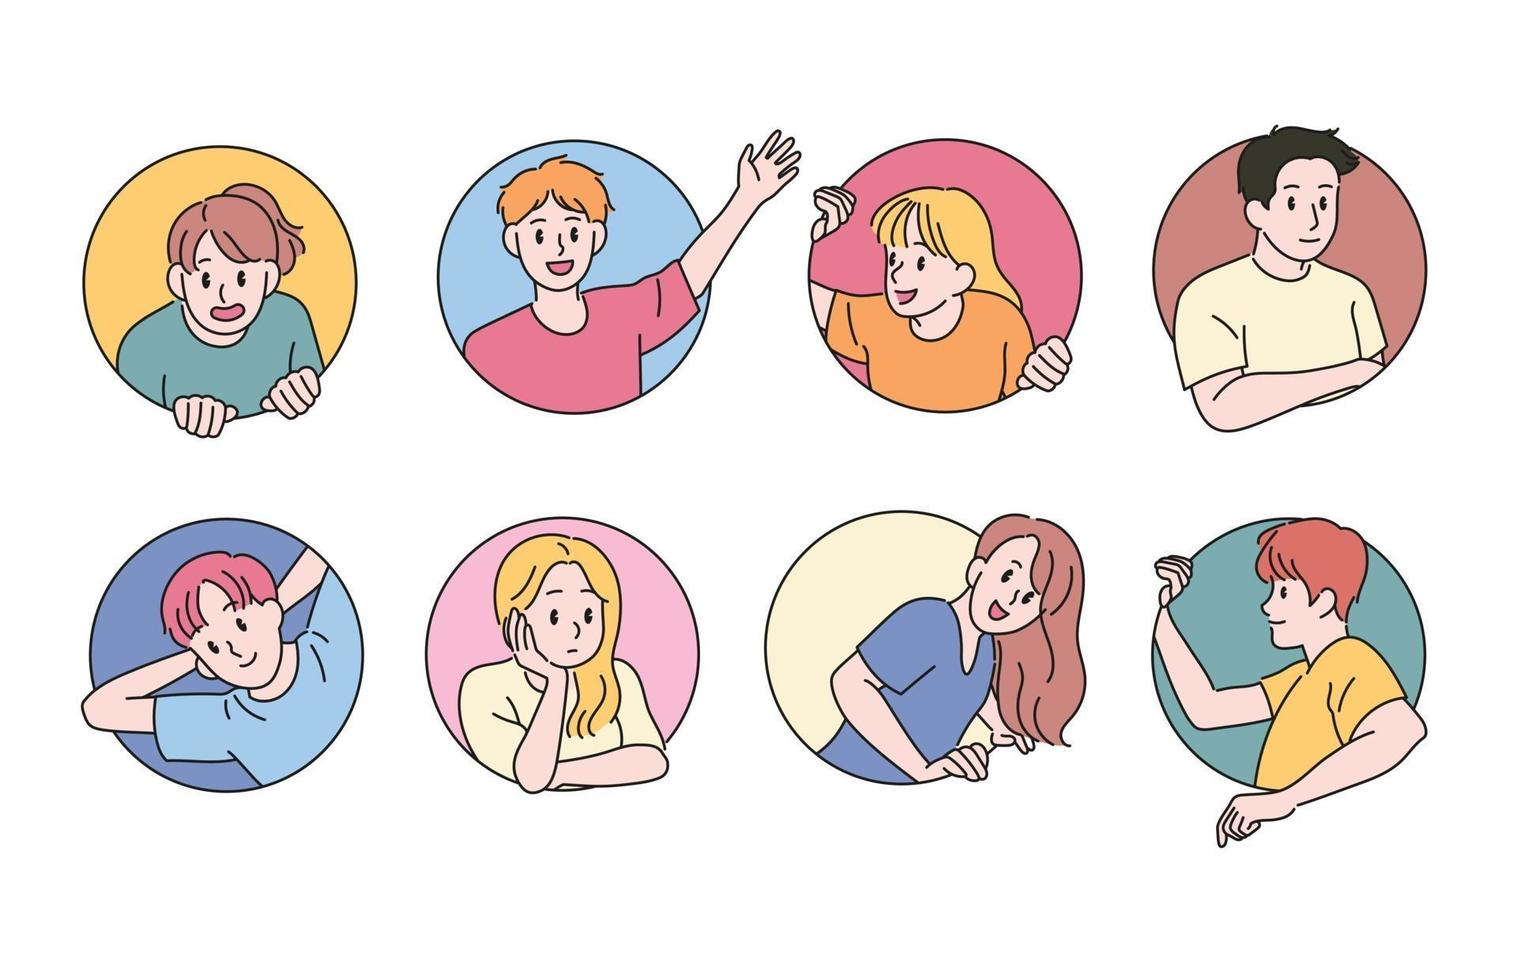 mensen steken uit in de cirkel en maken verschillende gezichtsuitdrukkingen. hand getrokken stijl vector ontwerp illustraties.